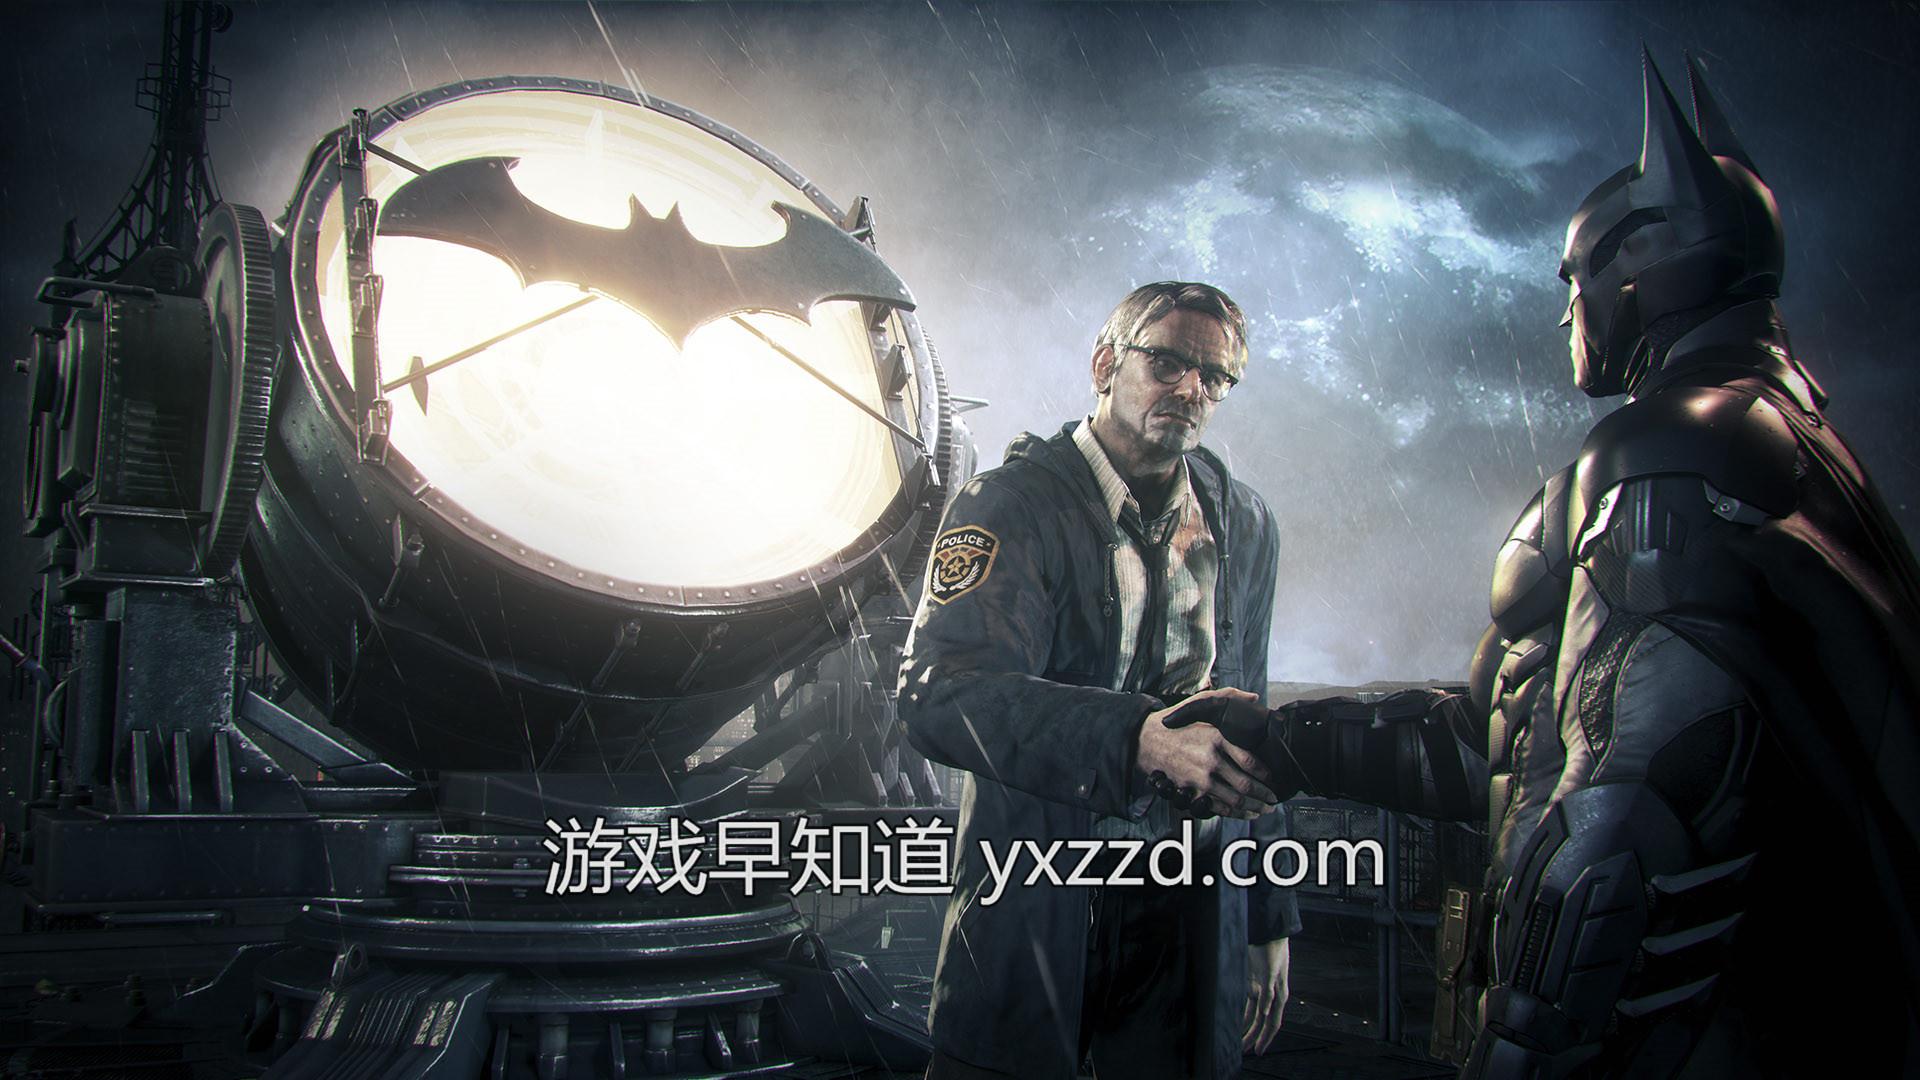 蝙蝠侠阿甘骑士Batman: Arkham Knight